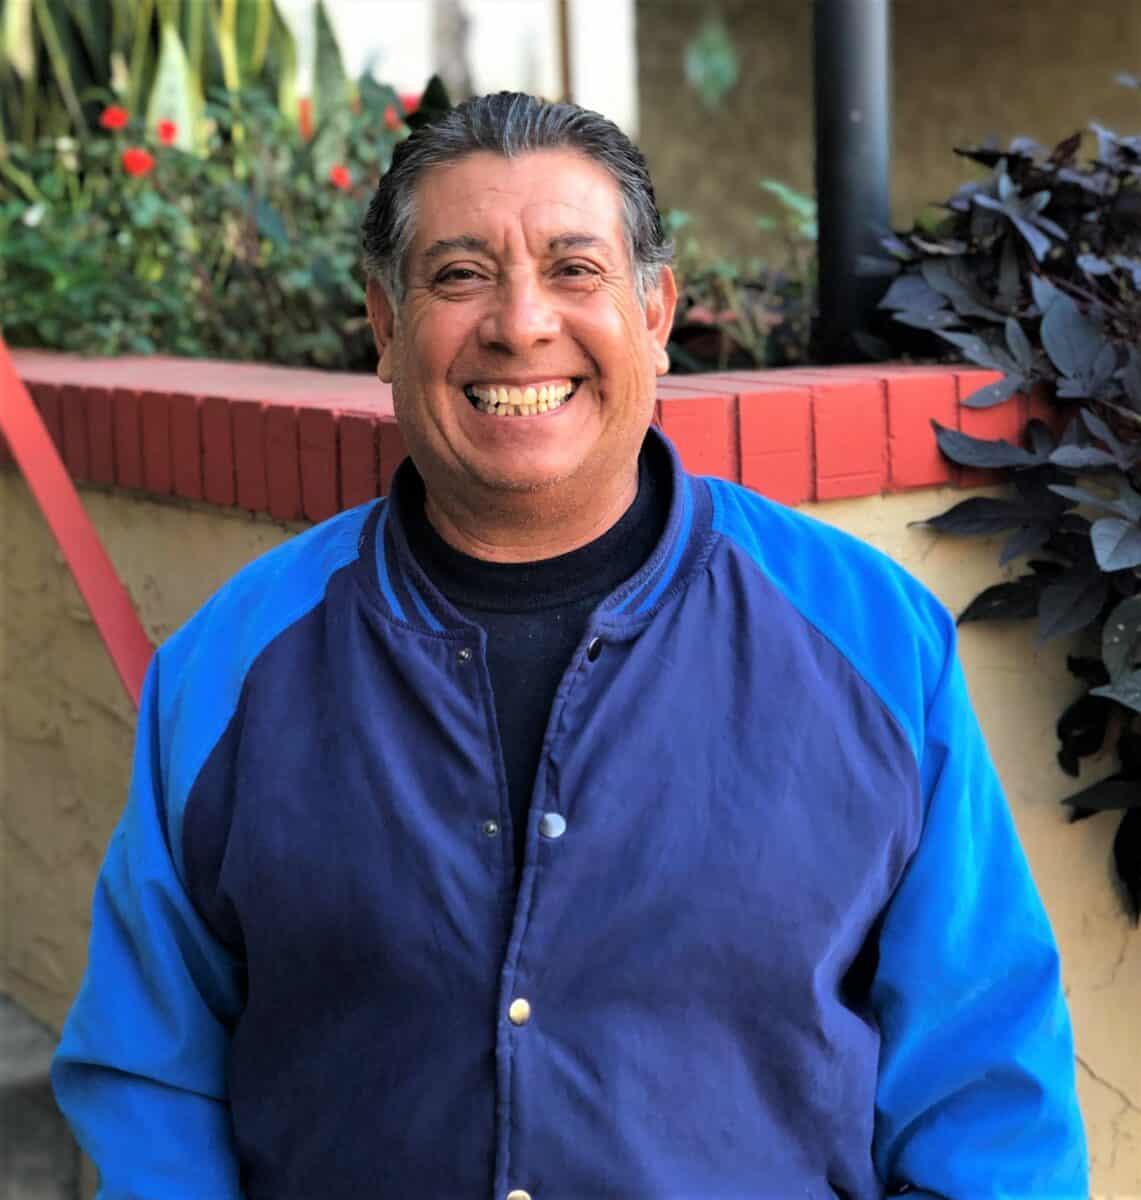 Salvador Gonzalez